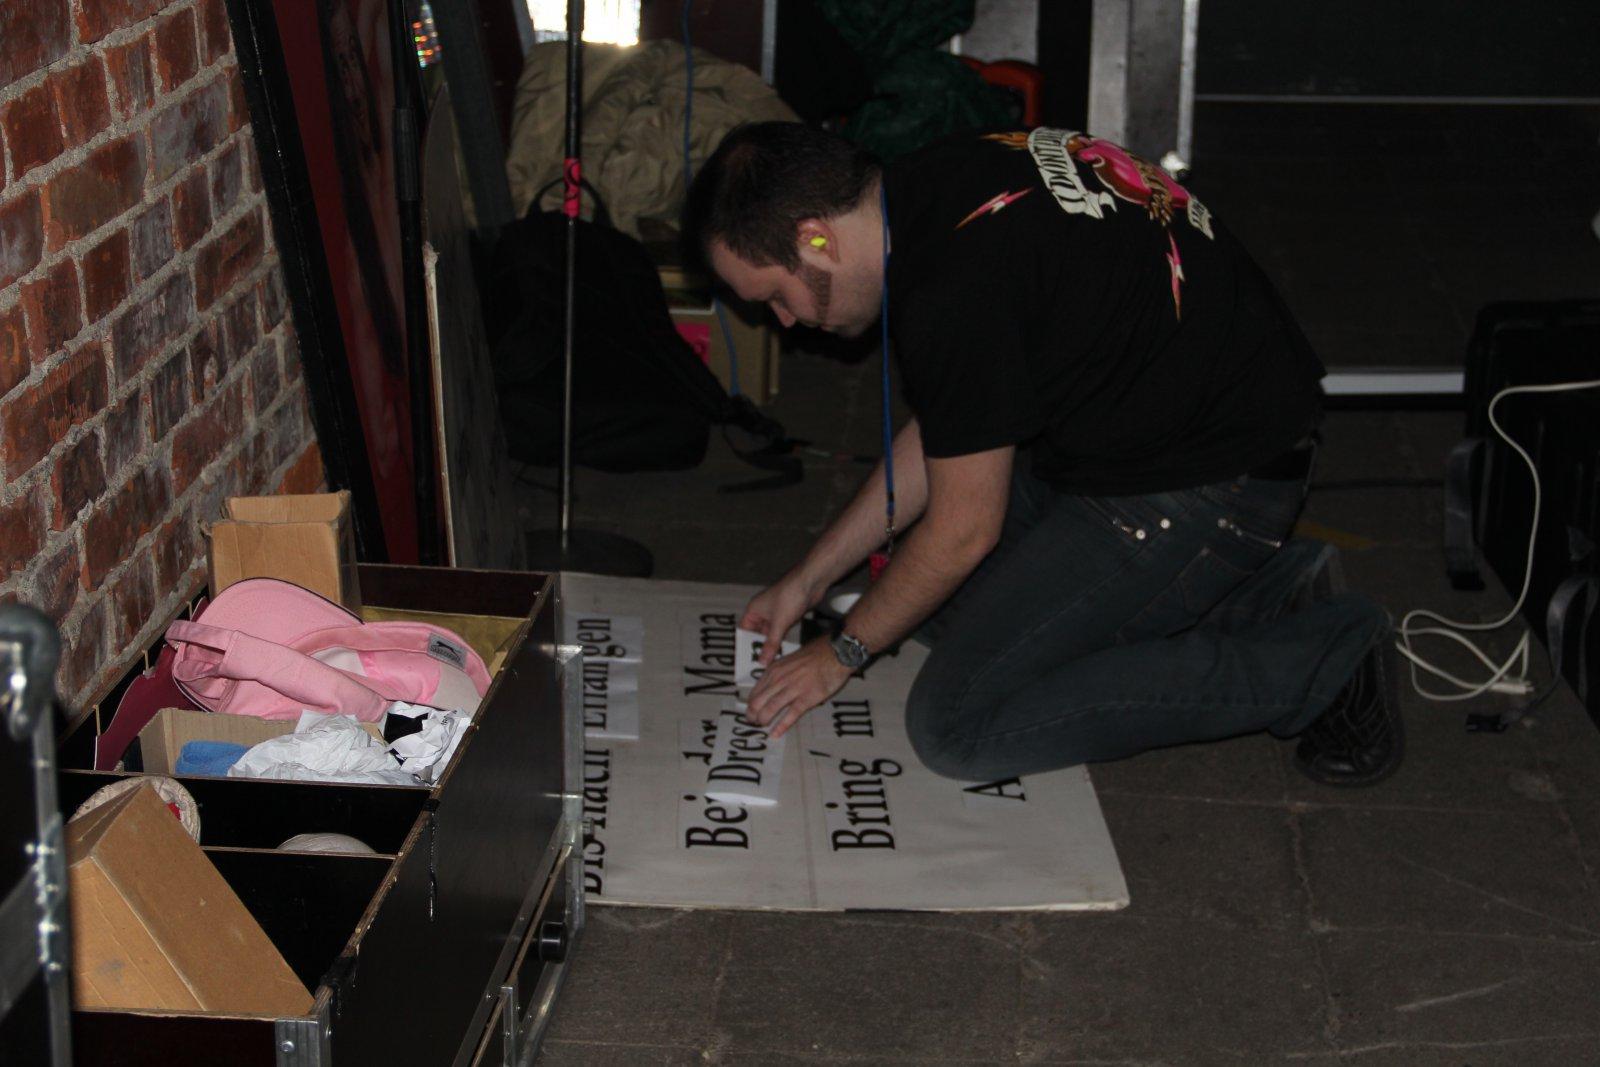 001 - J.B.O. @ Reithalle Dresden, 09.12.2011 - Foto von Andrea Jaeckel-Dobschat